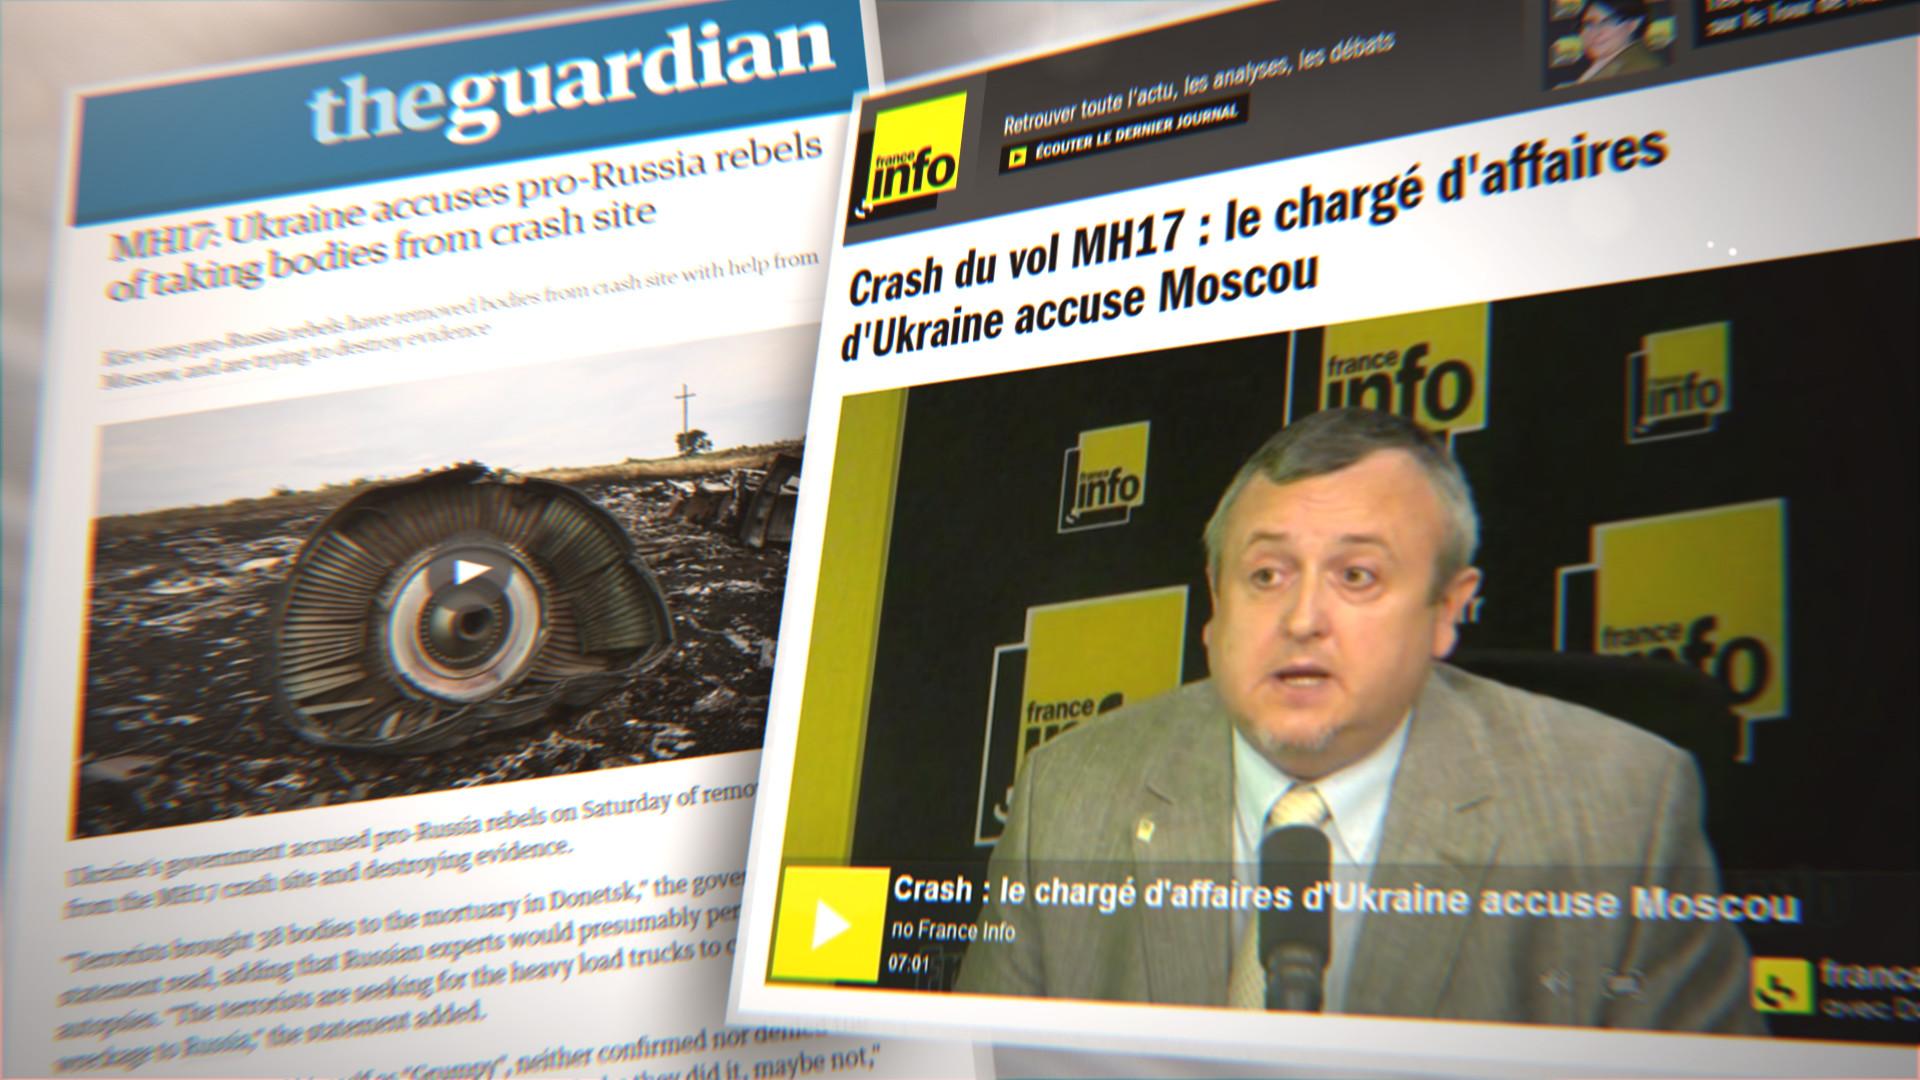 Crash du MH-17 : comment les médias ont diabolisé la Russie